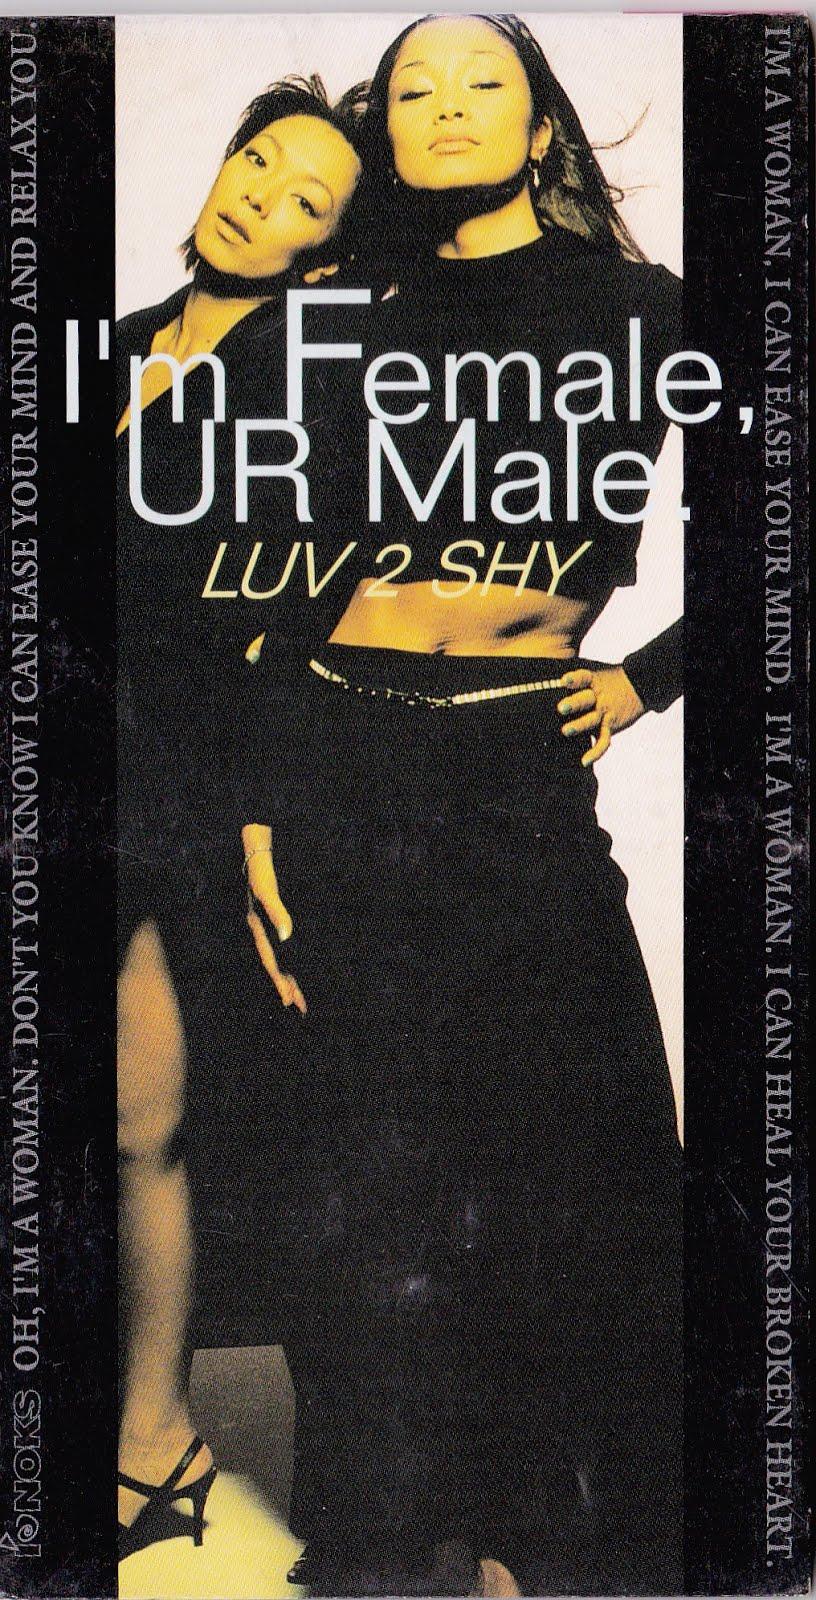 Luv 2 Shy - I